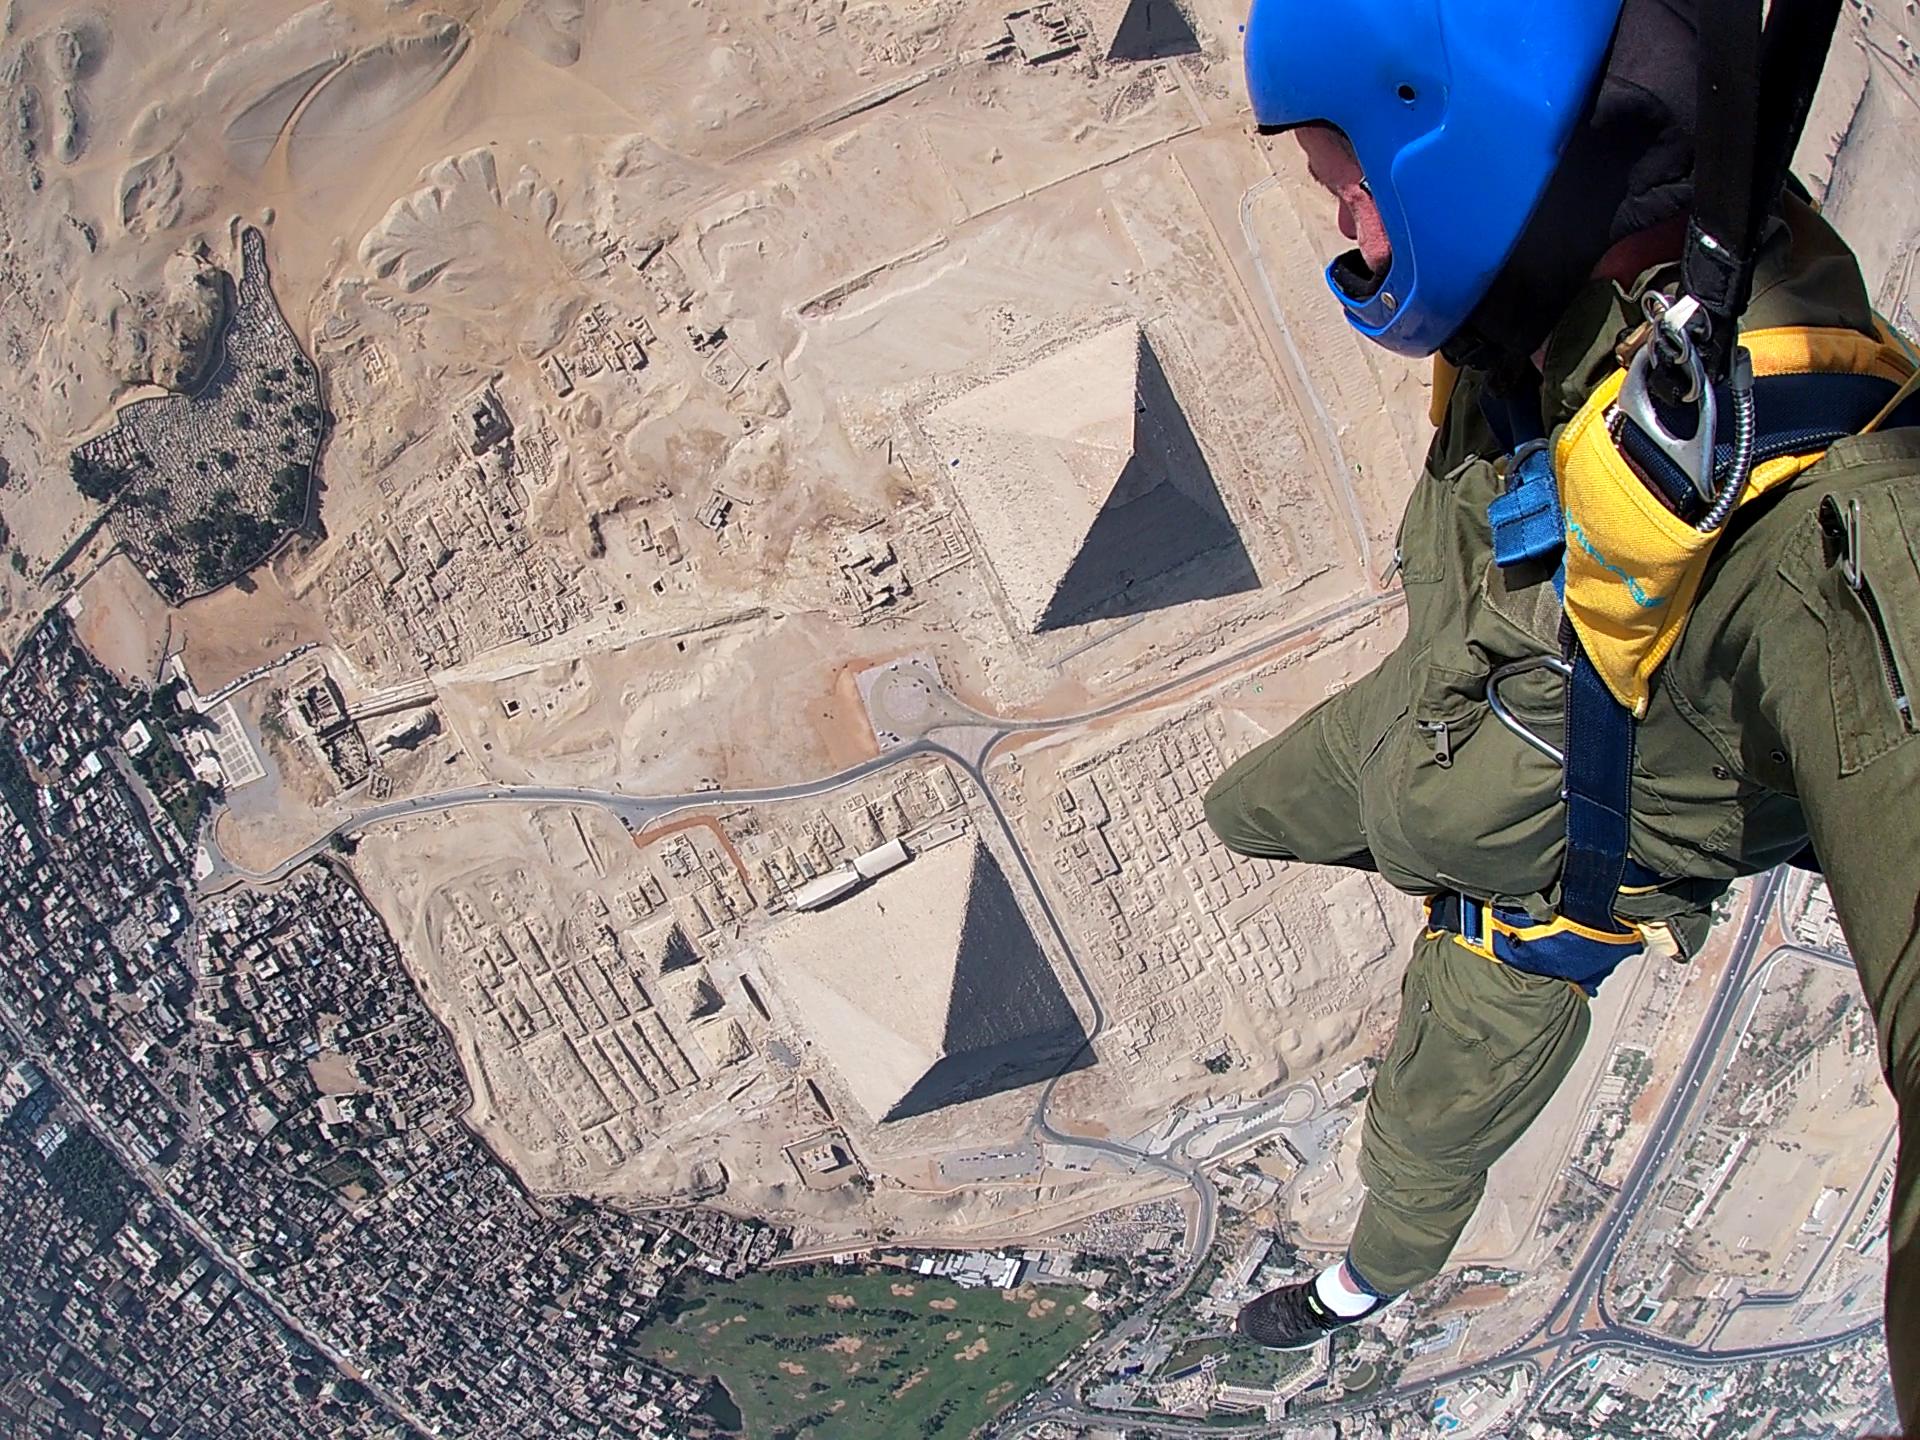 Virginia Skydiving Staff